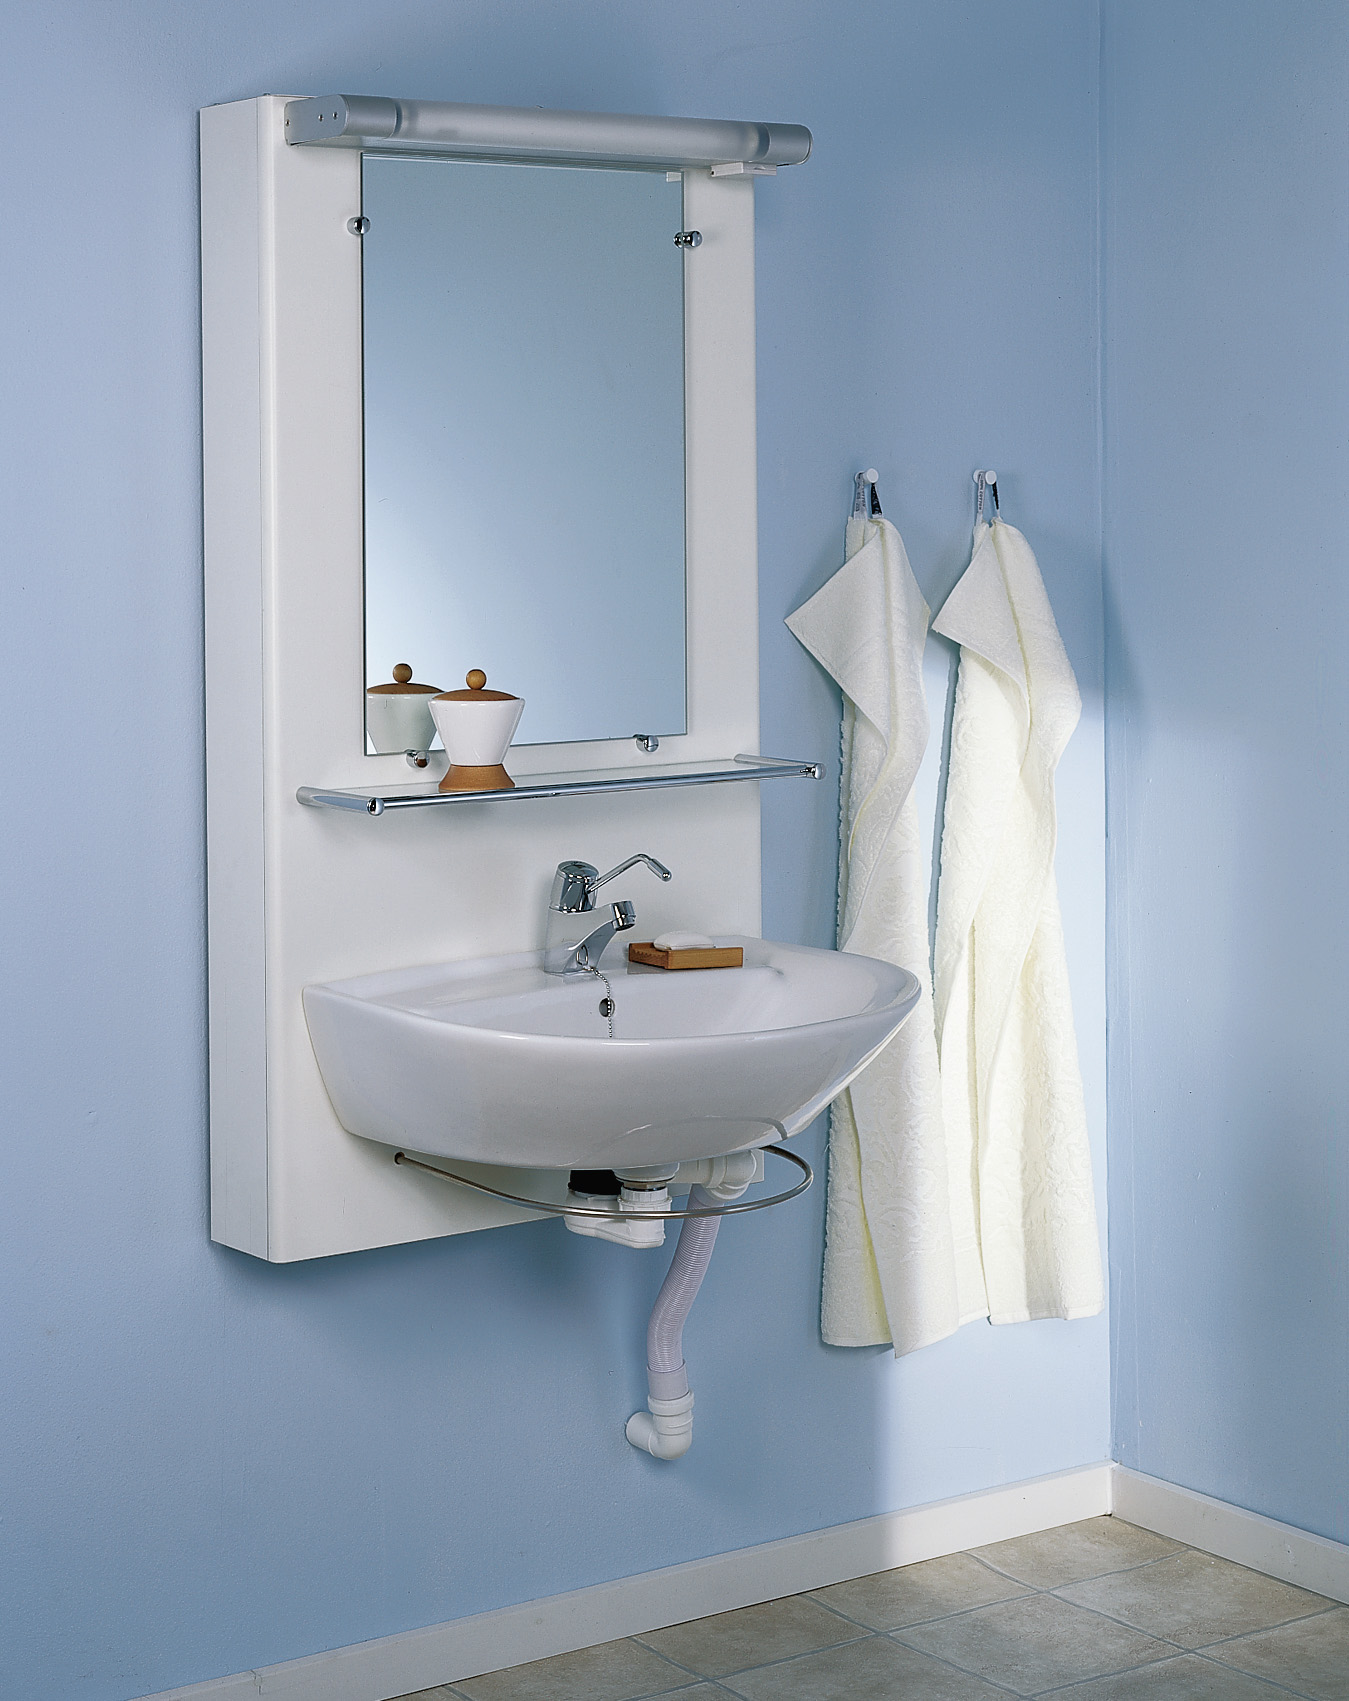 Picture of: Hjaelpemiddelbasen Ropox Basis Handvask Fra Ropox A S Hmi Nr 32308